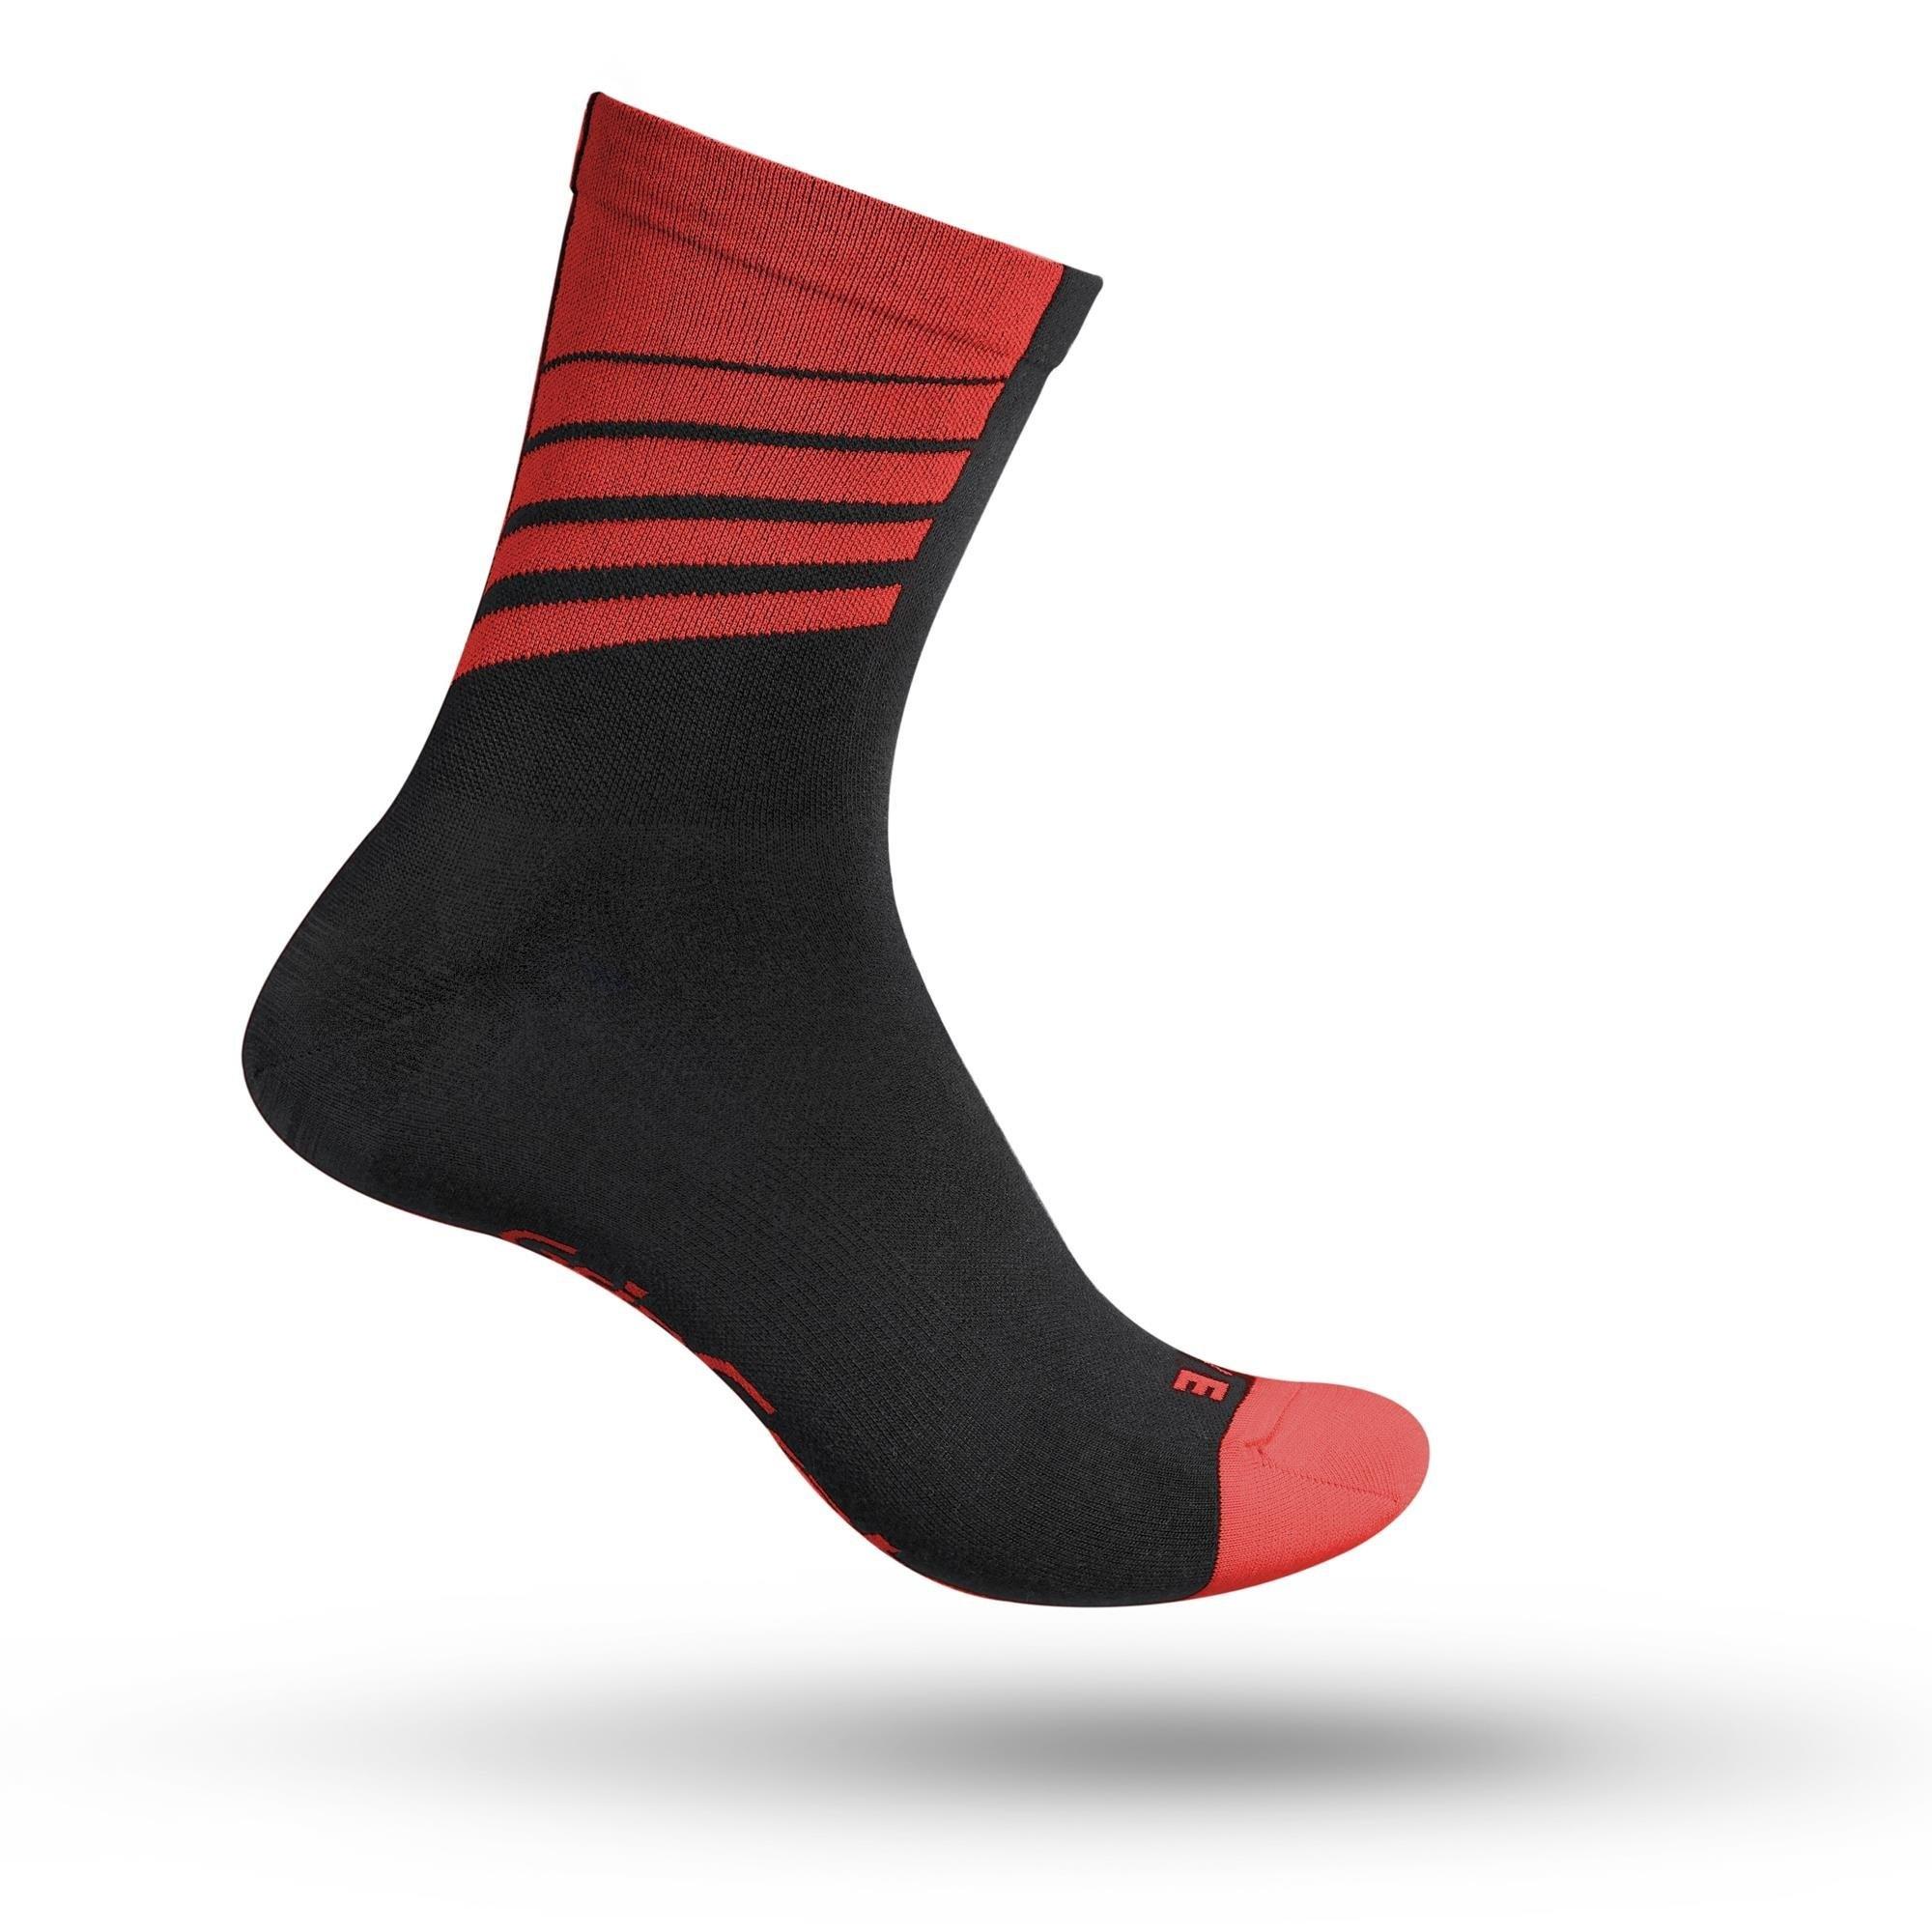 Gripgrab Gripgrab Racing Stripes Sokker - Rød Beklædning > Cykeltøj Til Herre